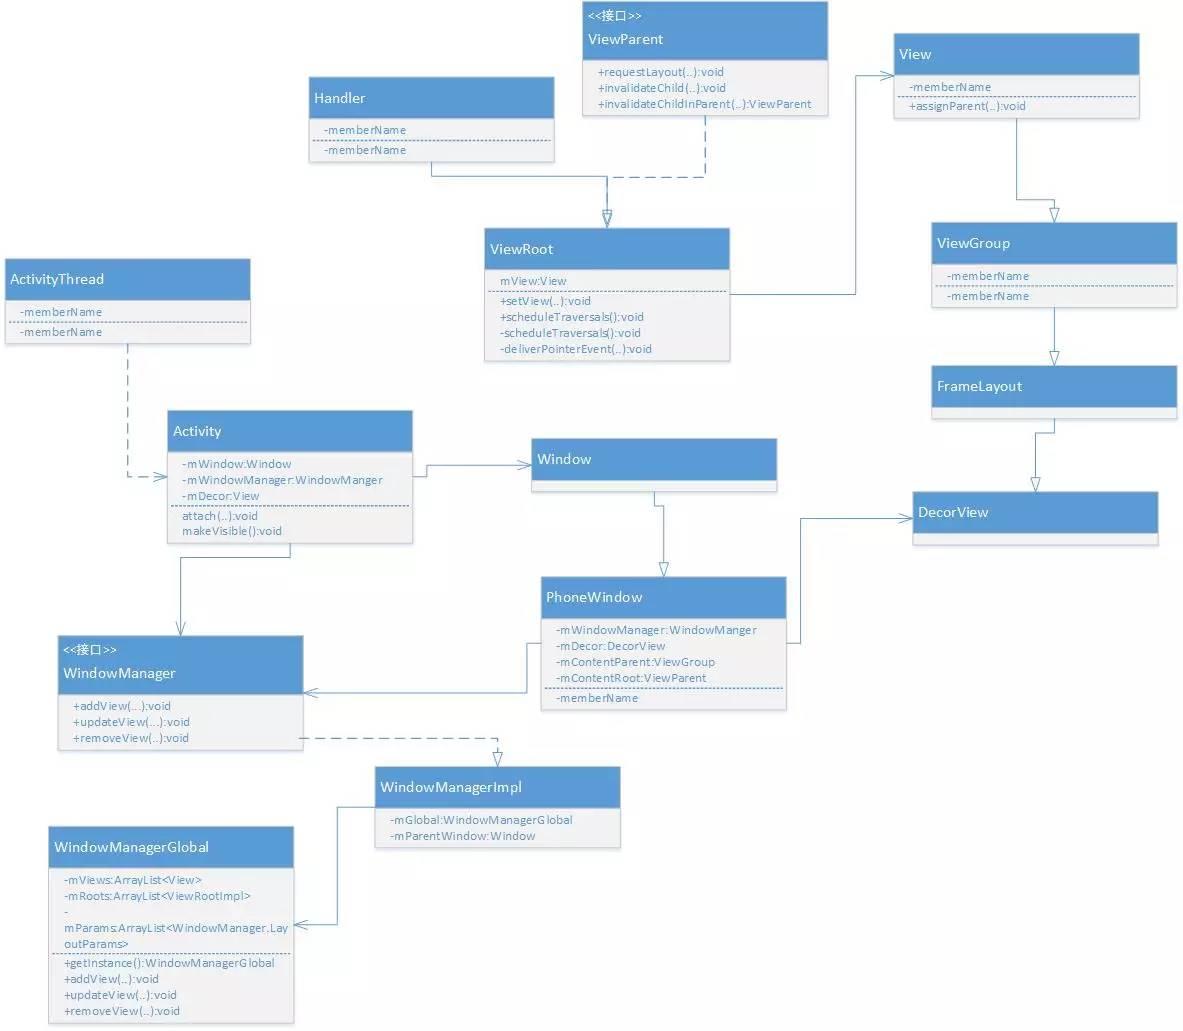 公司人员架构图